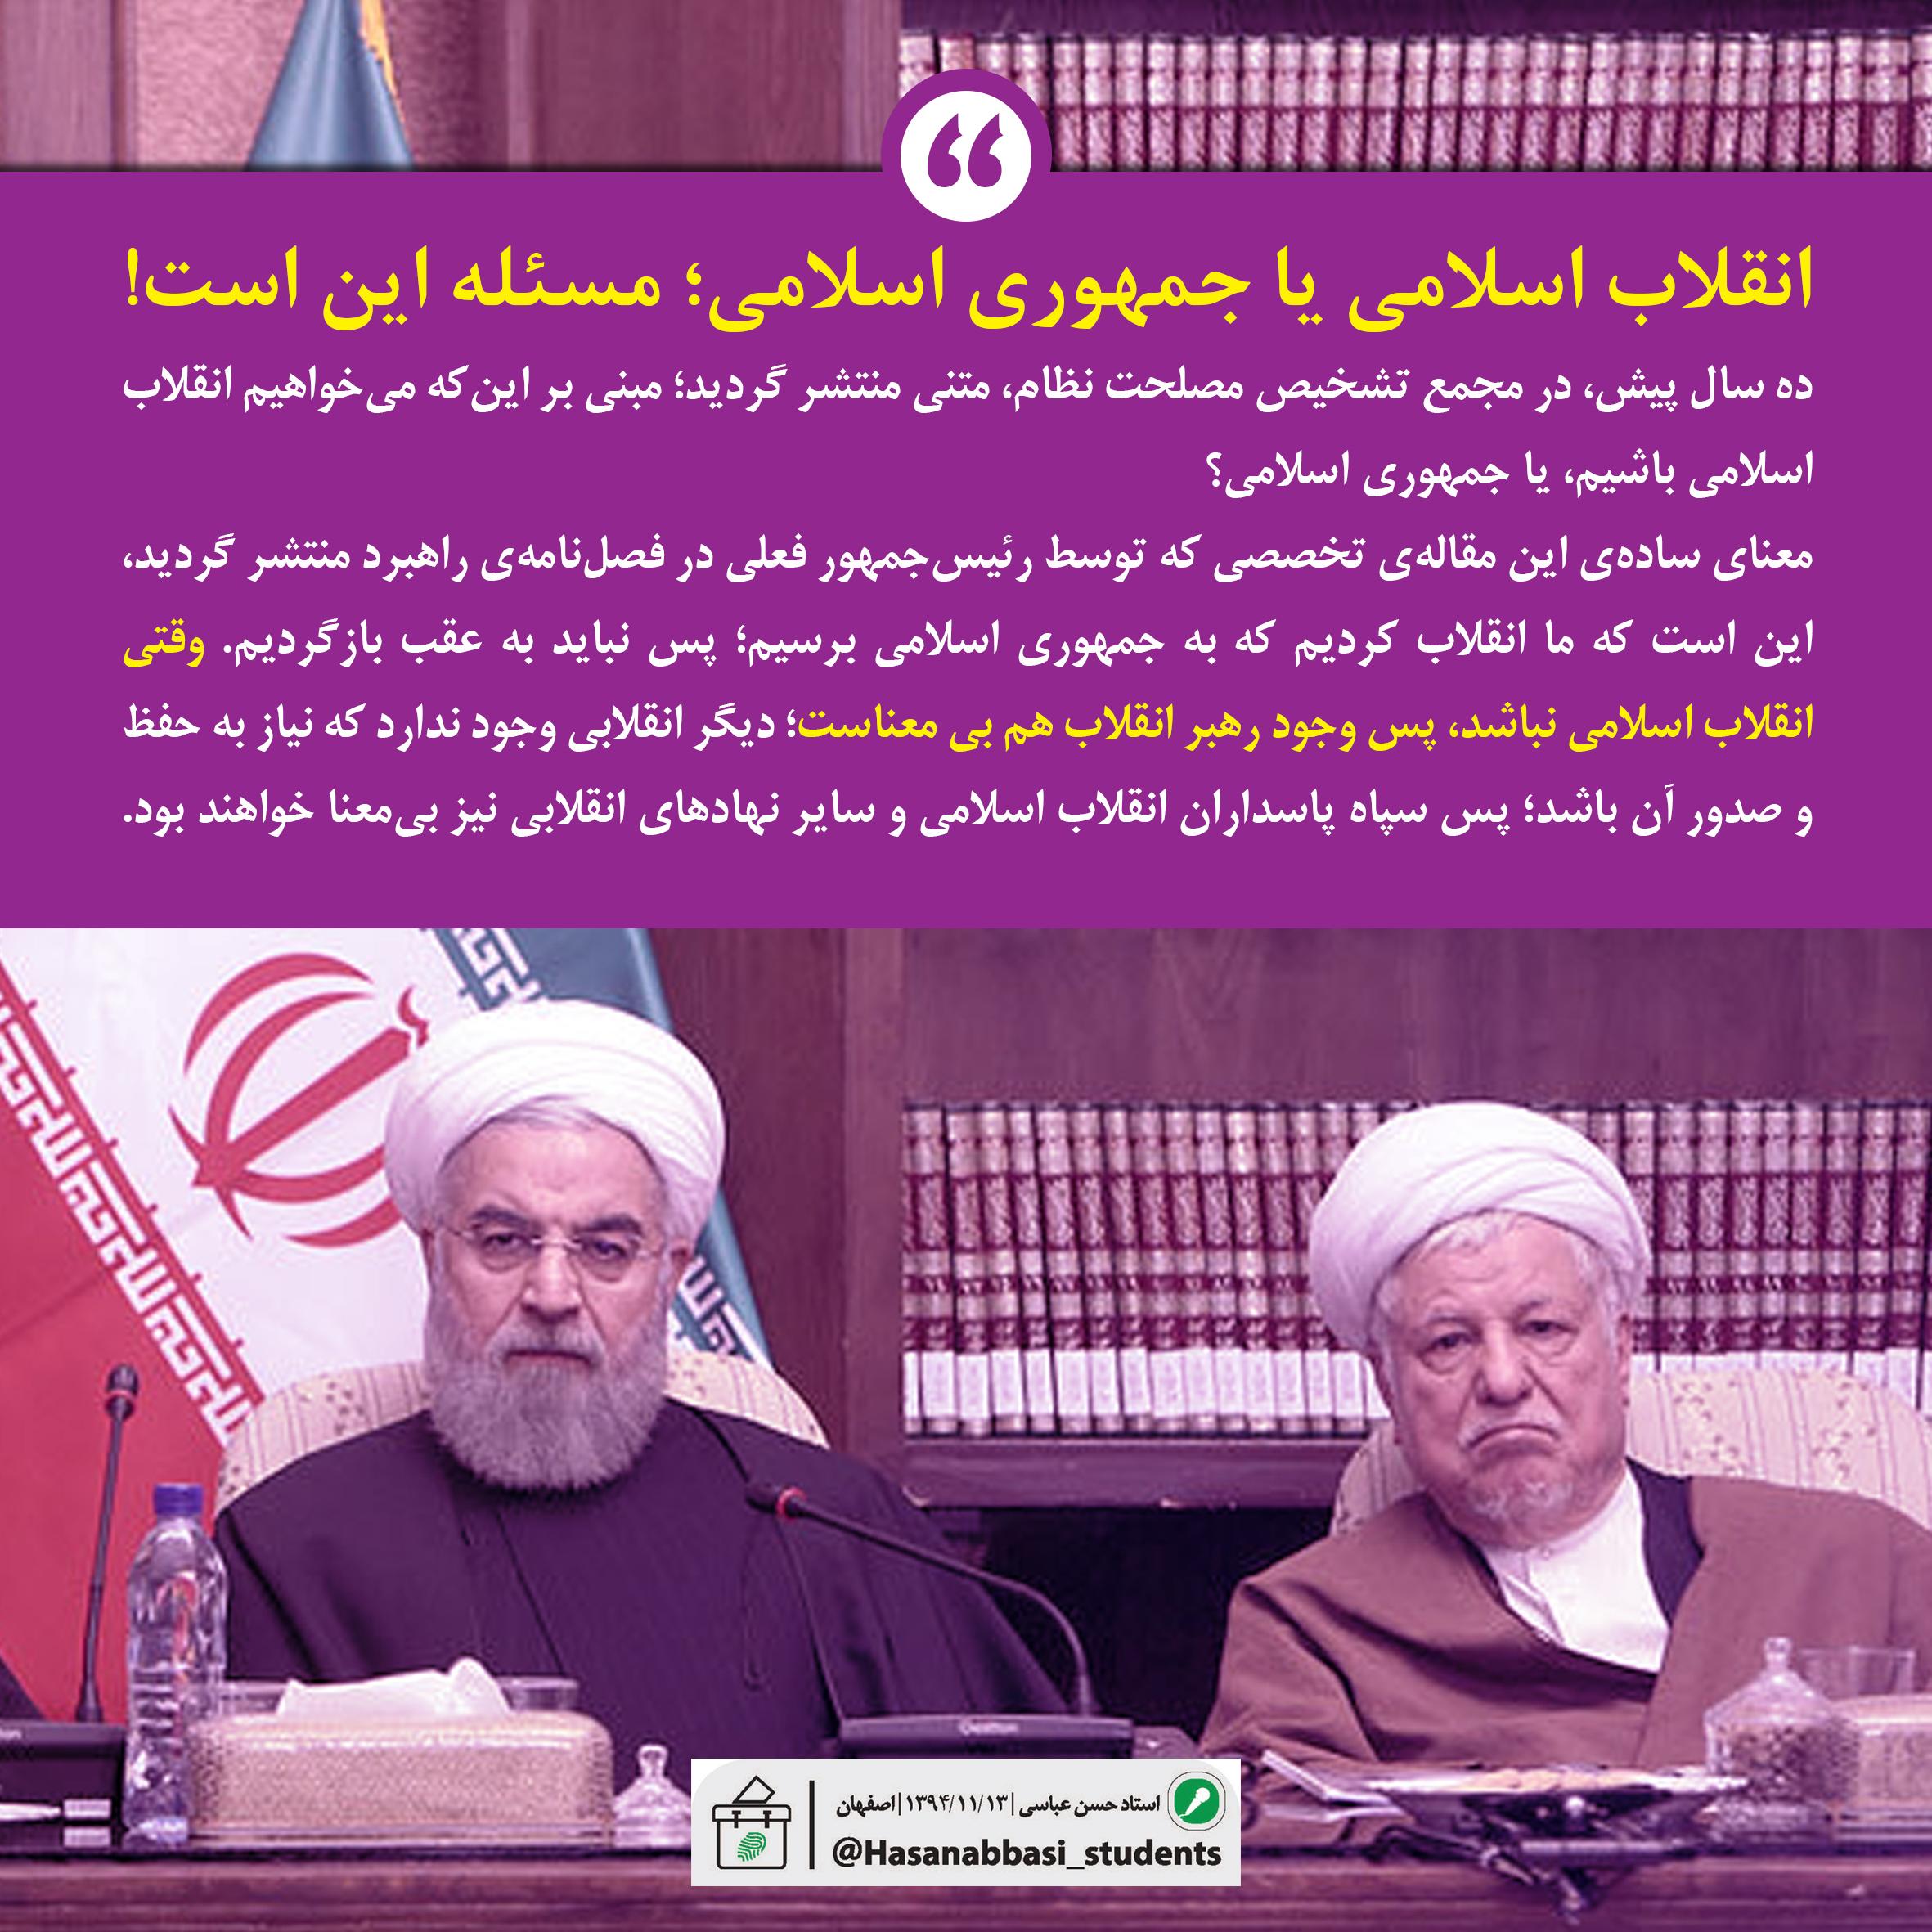 انقلاب اسلامی یا جمهوری اسلامی؛ مسئله این است!